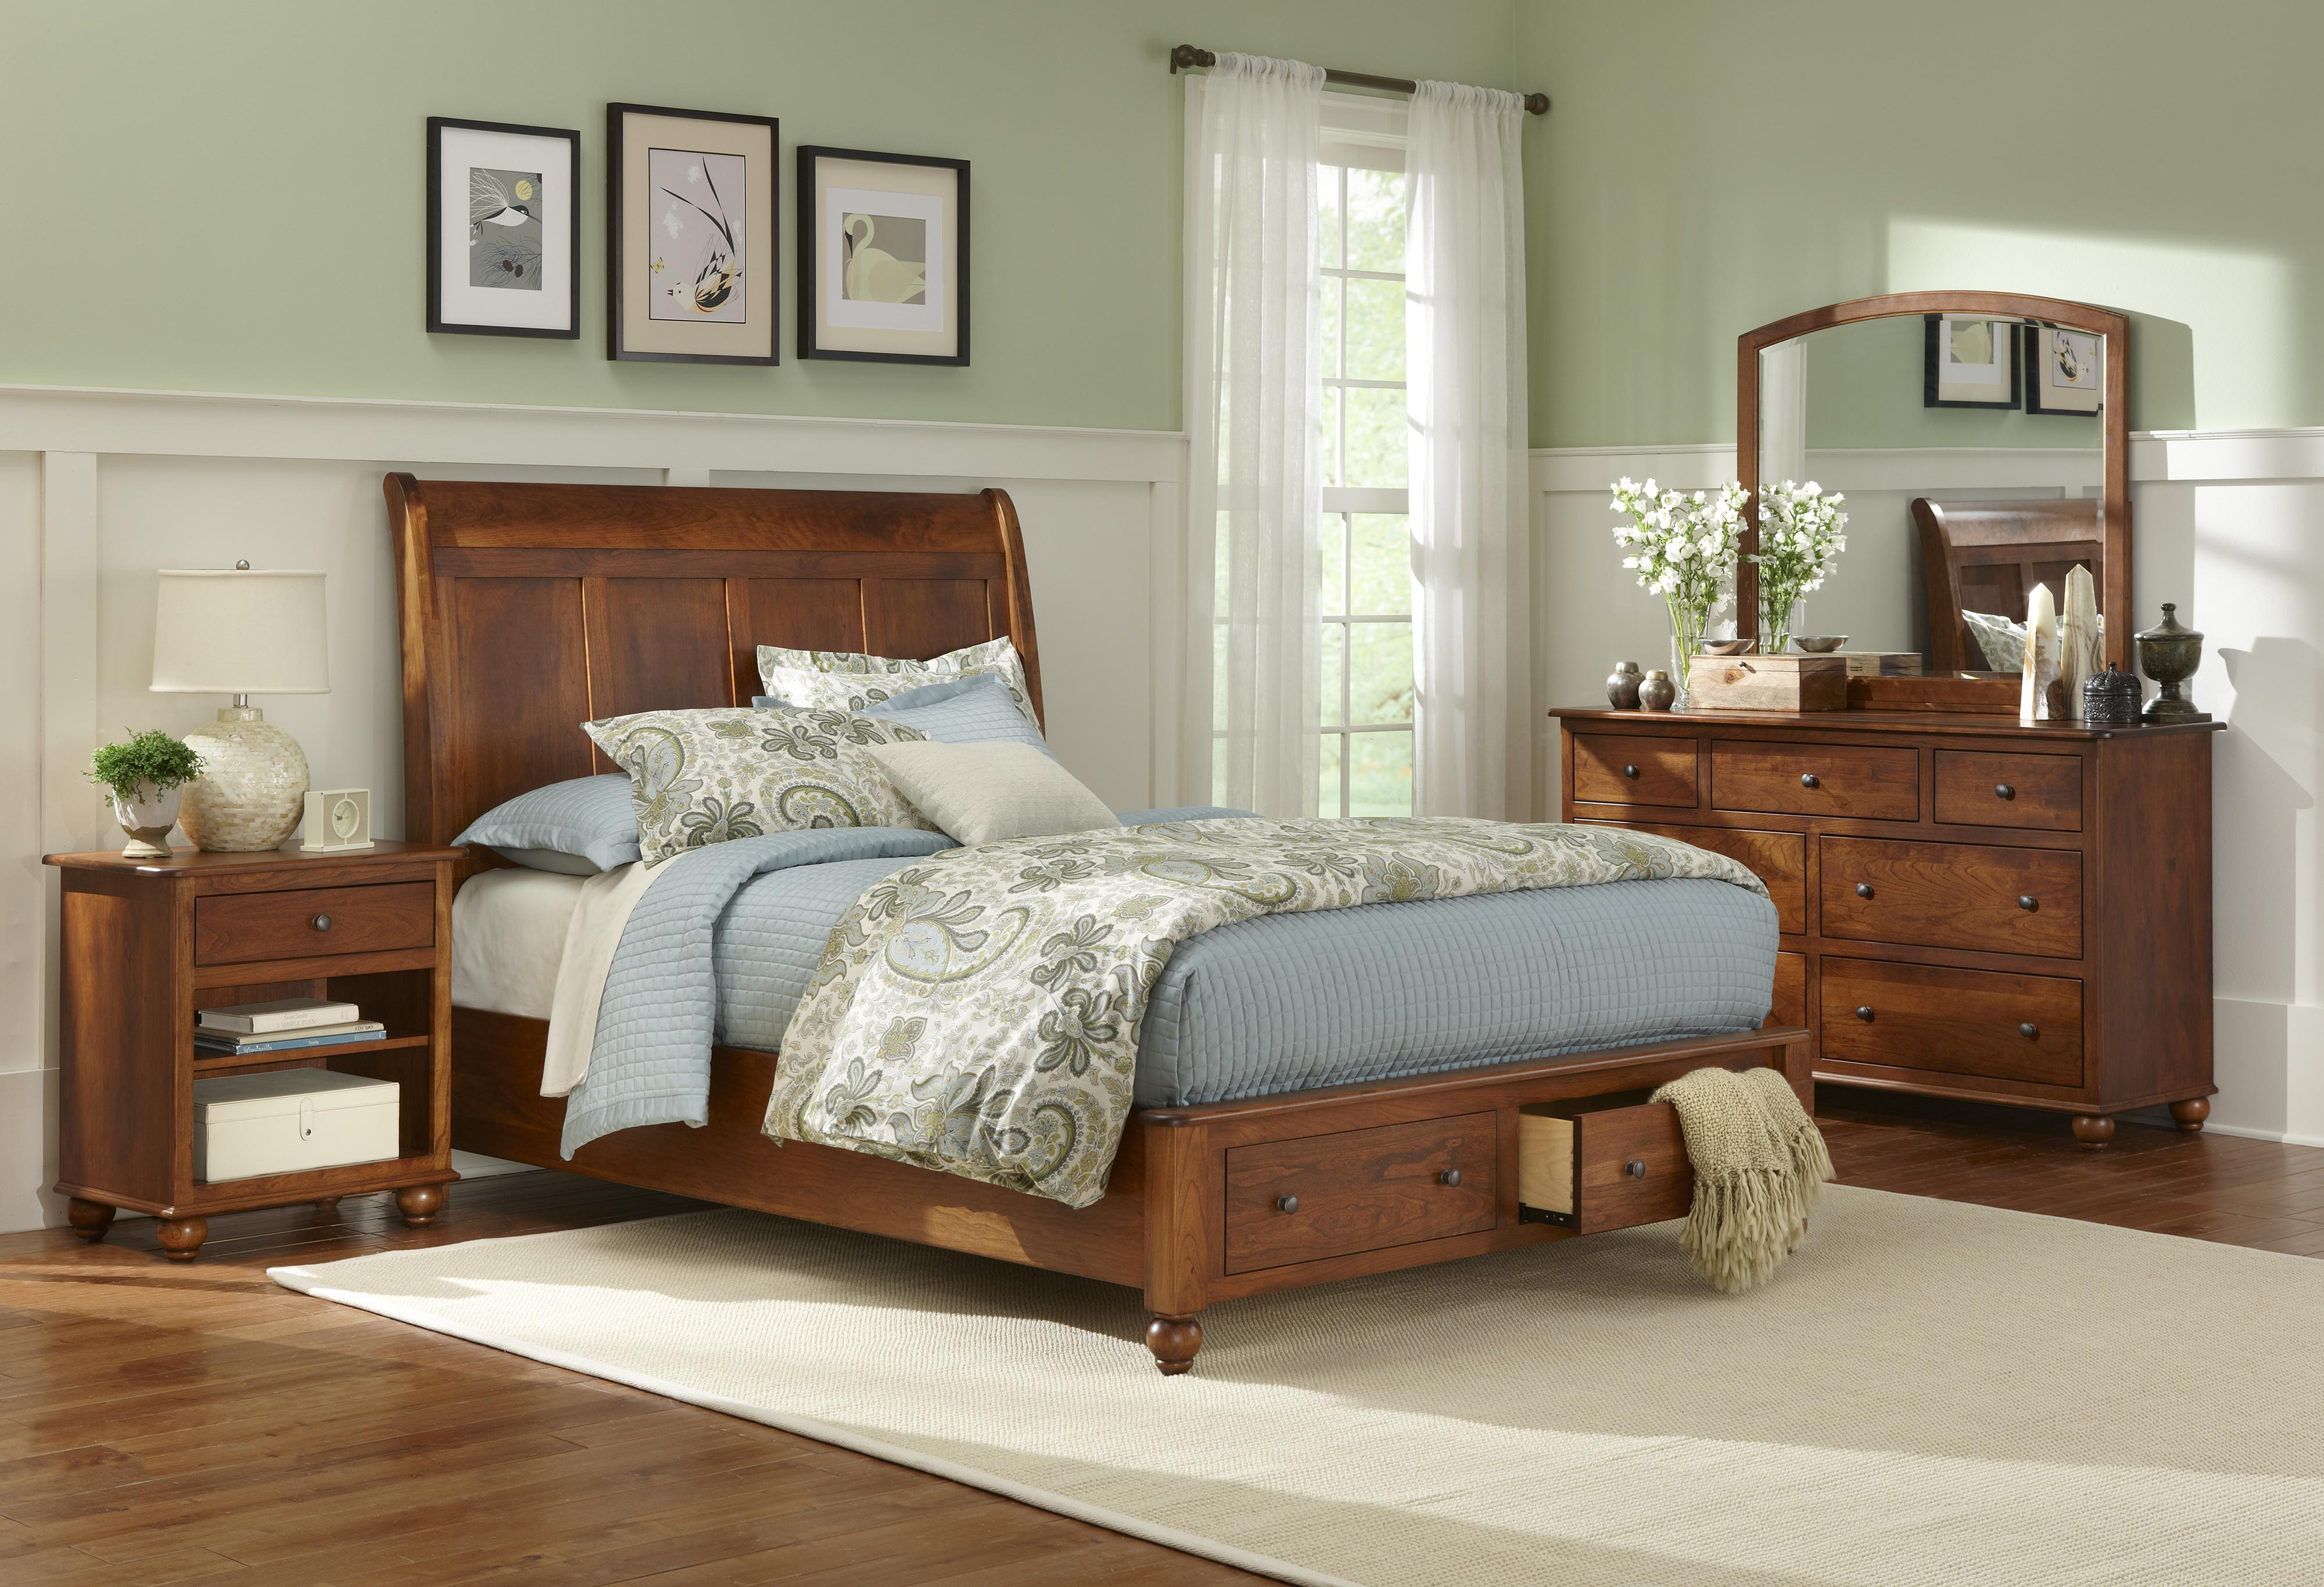 L.J. Gascho Furniture Covington Cairnbrook Queen Storage Bed - Item Number: 2QHB/QSTFB/QRS